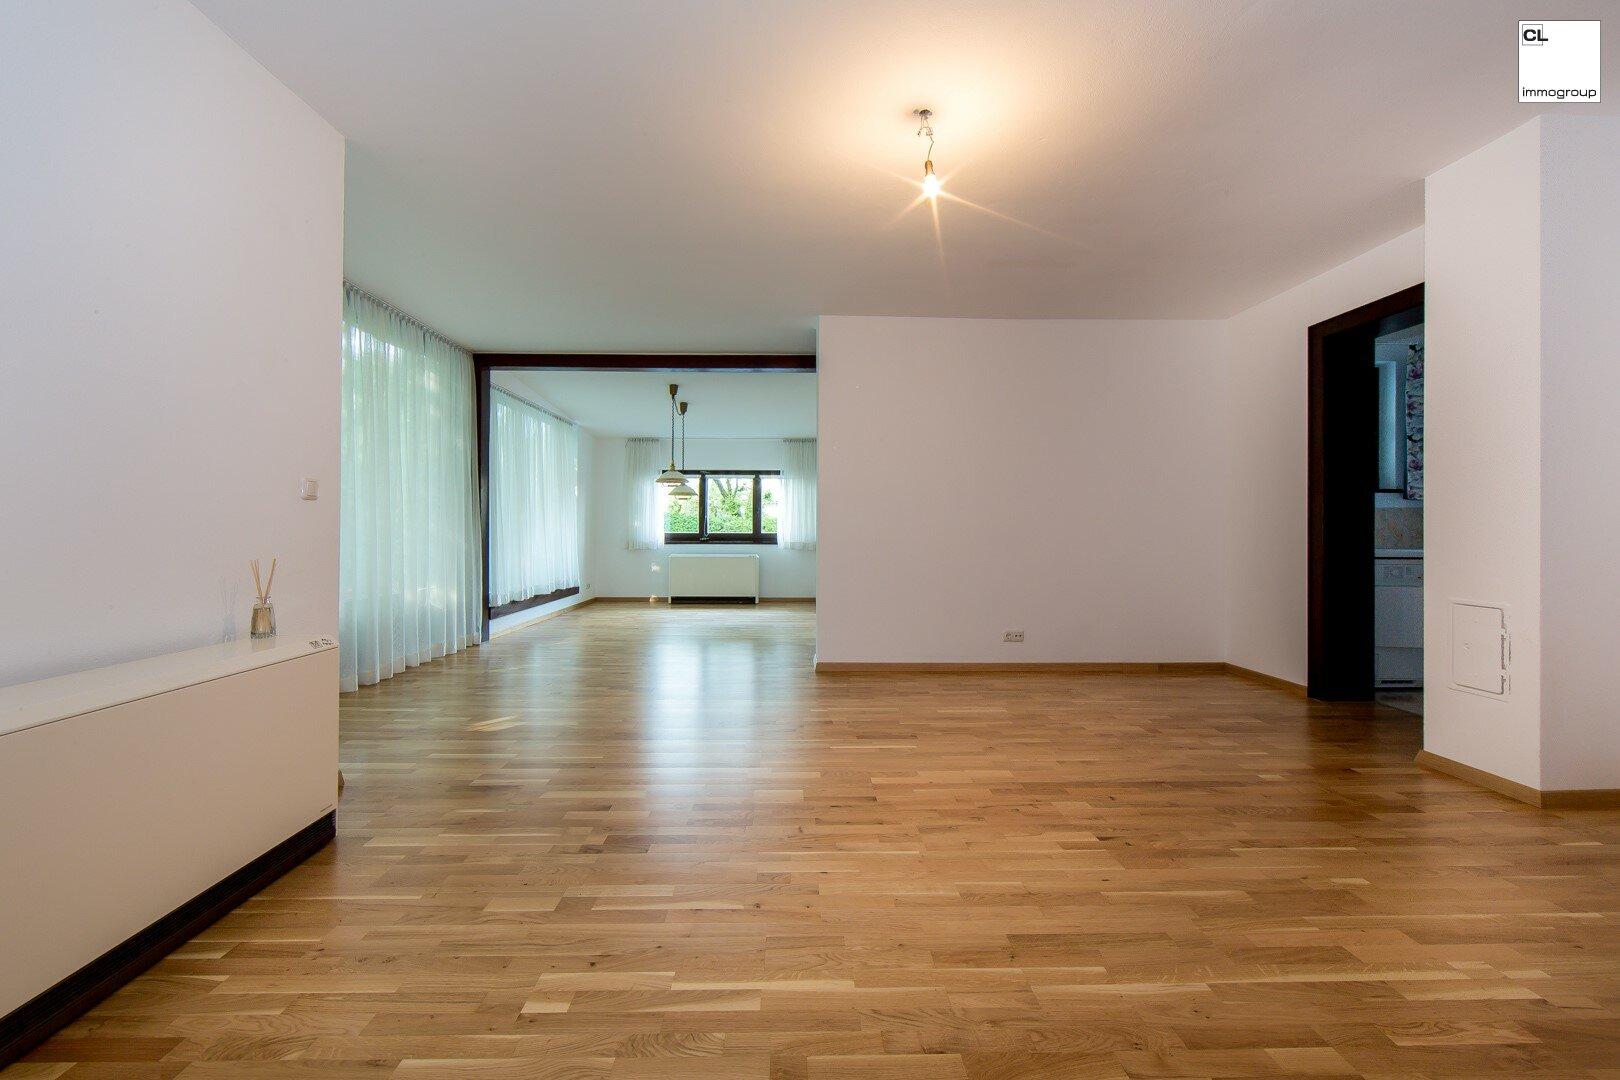 Wohnbereich mit Fensterflächen (Wohnzimmer wäre abtrennbar)